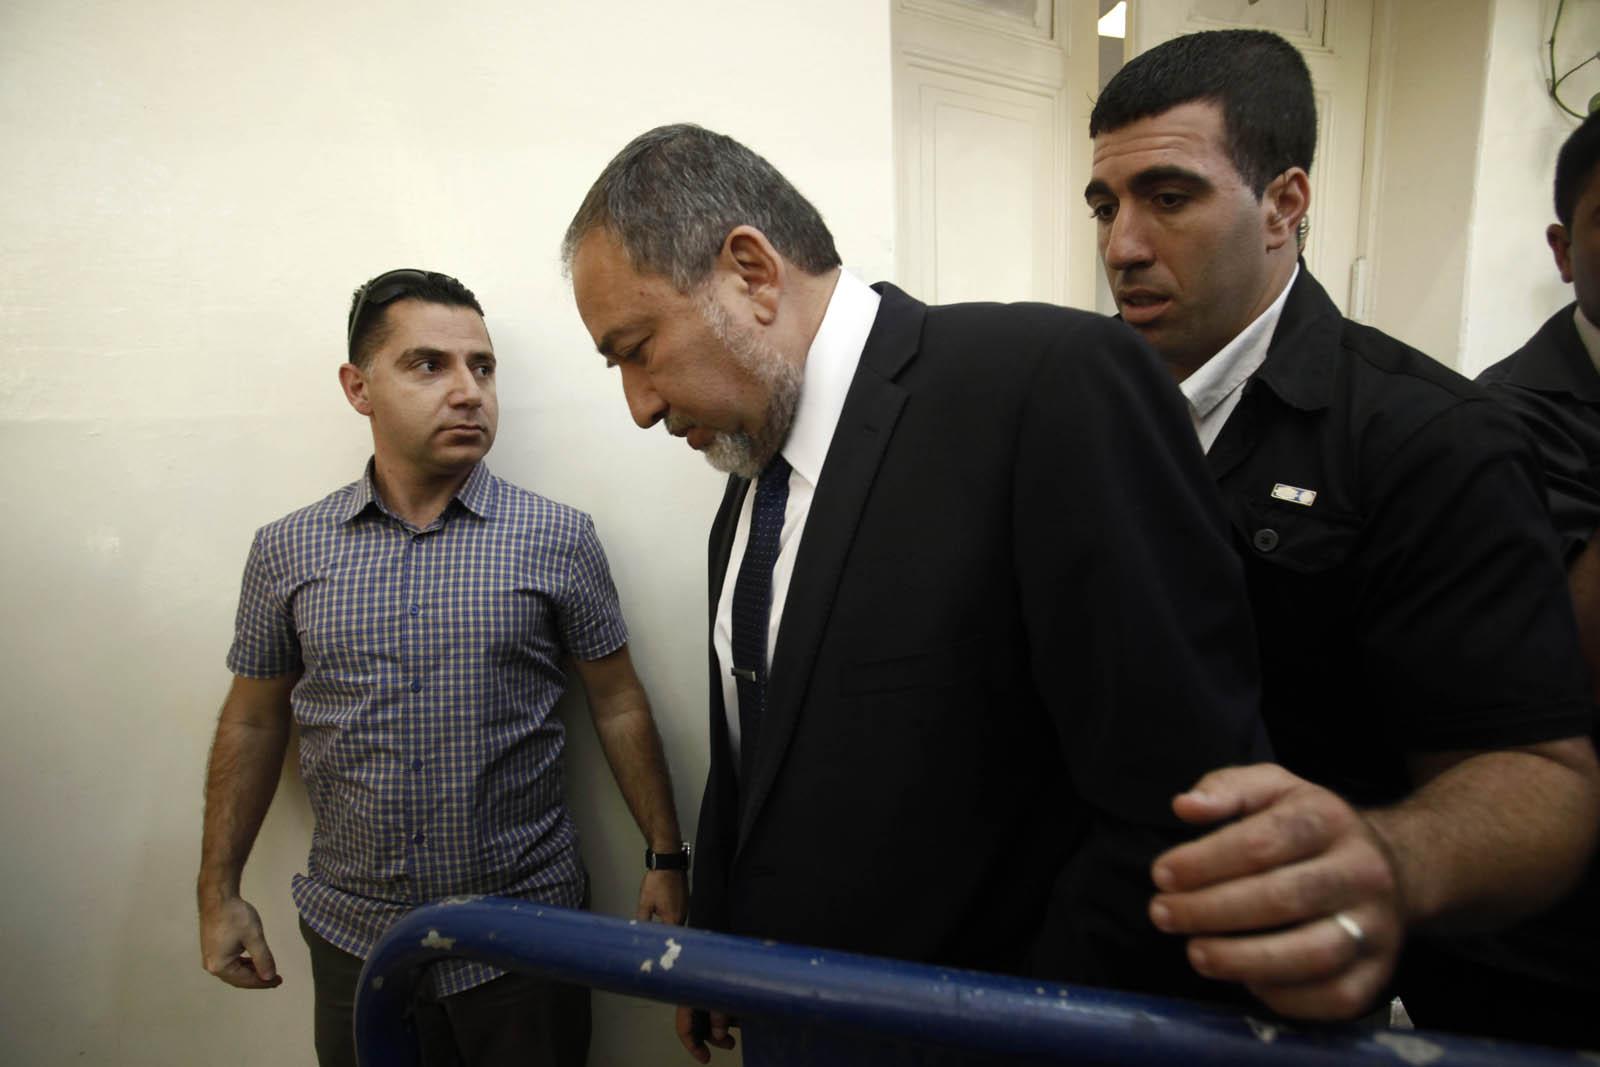 שר החוץ לשעבר אביגדור ליברמן בעת פתיחת משפטו, היום בירושלים (צילום: אורי לנץ)